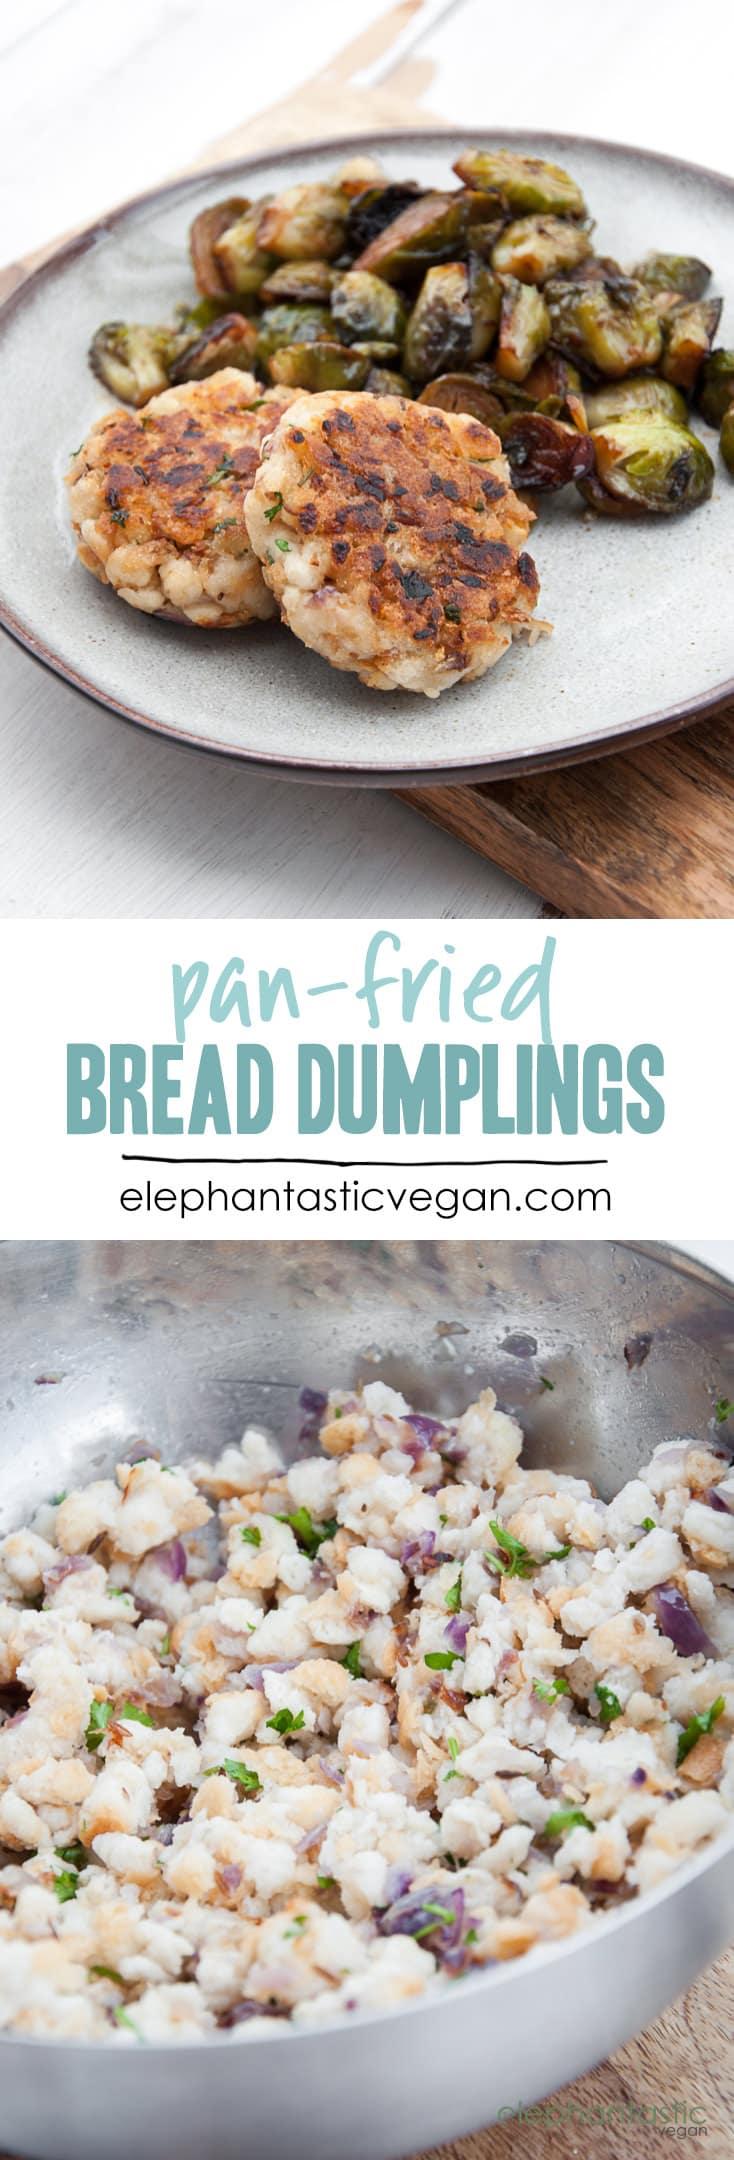 Pan-Fried Bread Dumplings | ElephantasticVegan.com